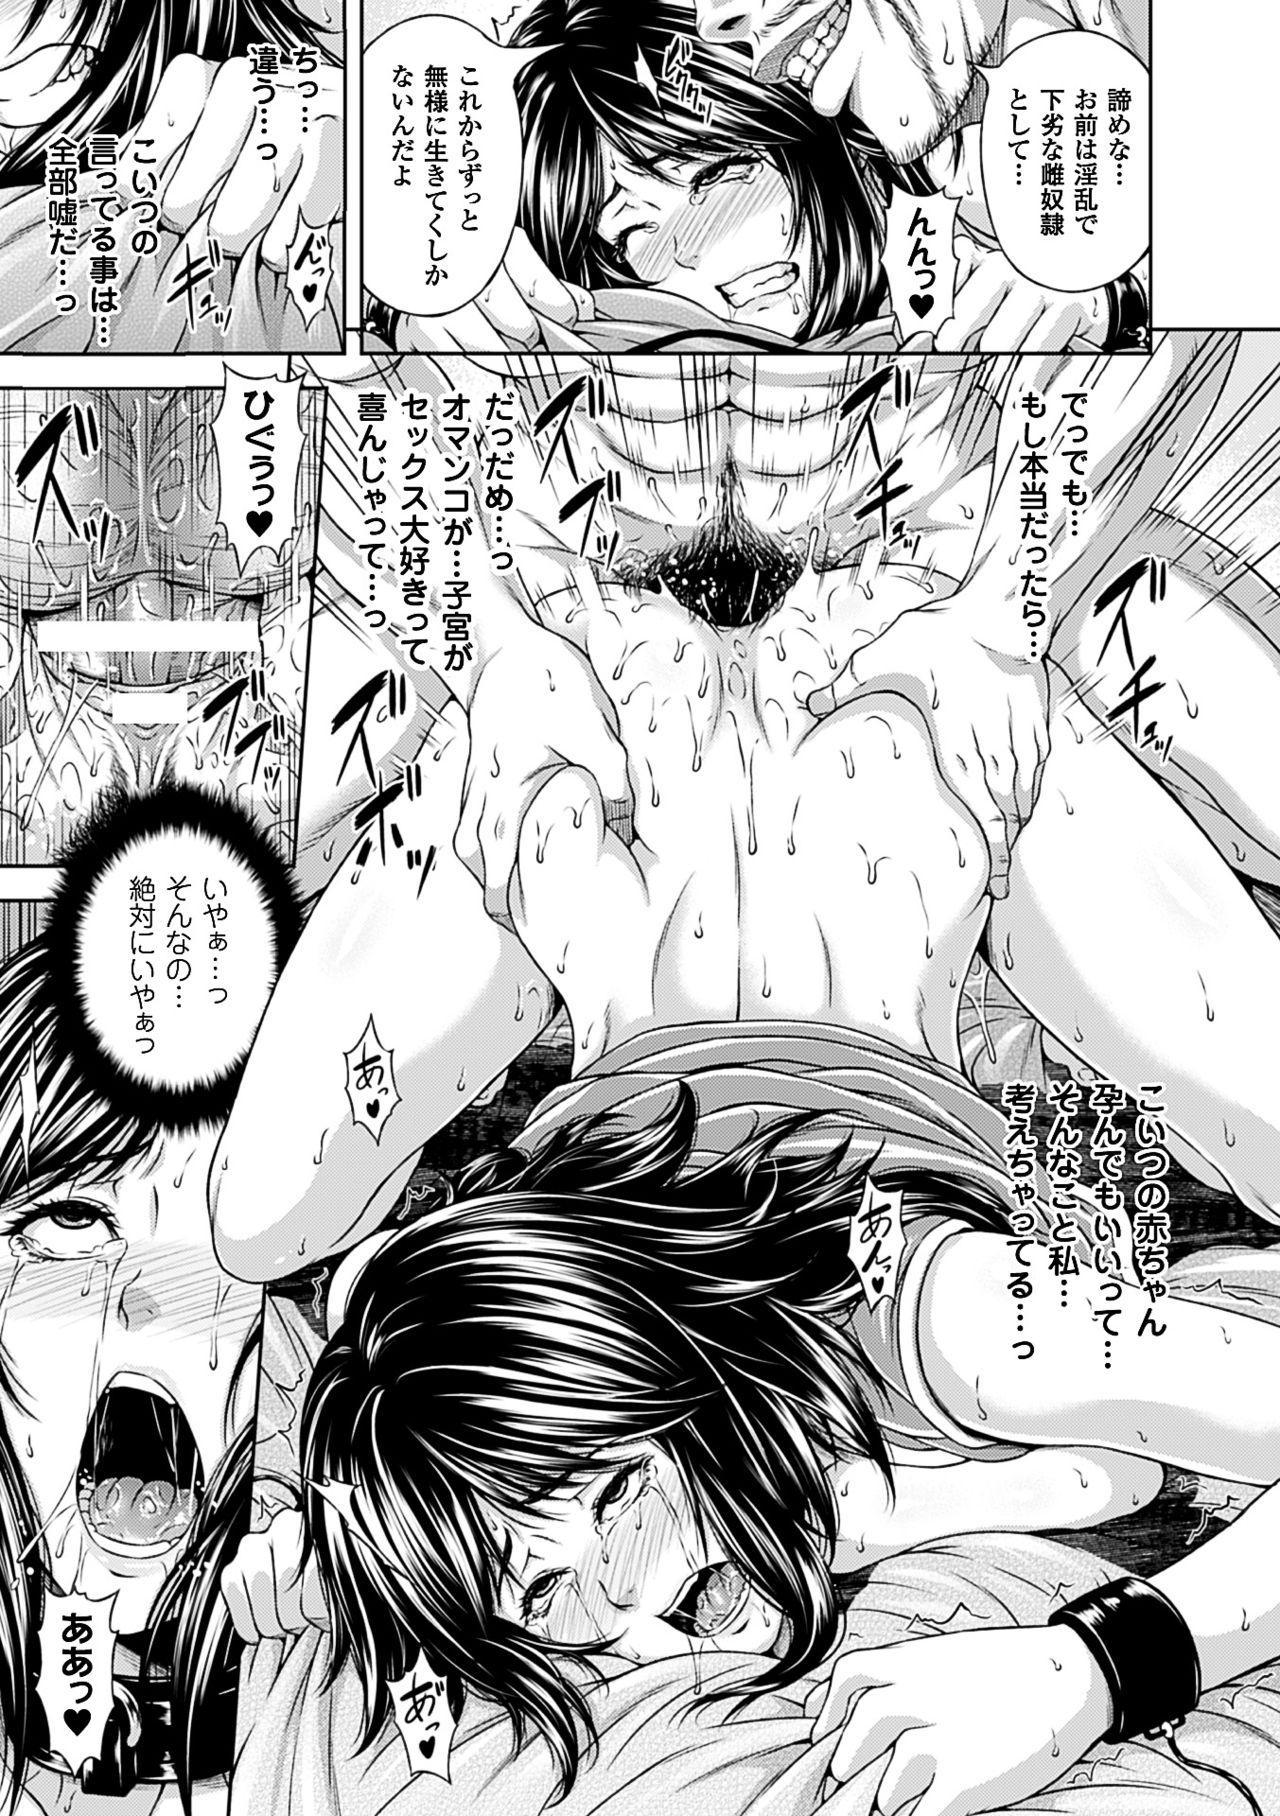 Mesu Hana ga Ochiru Toki - Maidenly Bloom Fallen 20